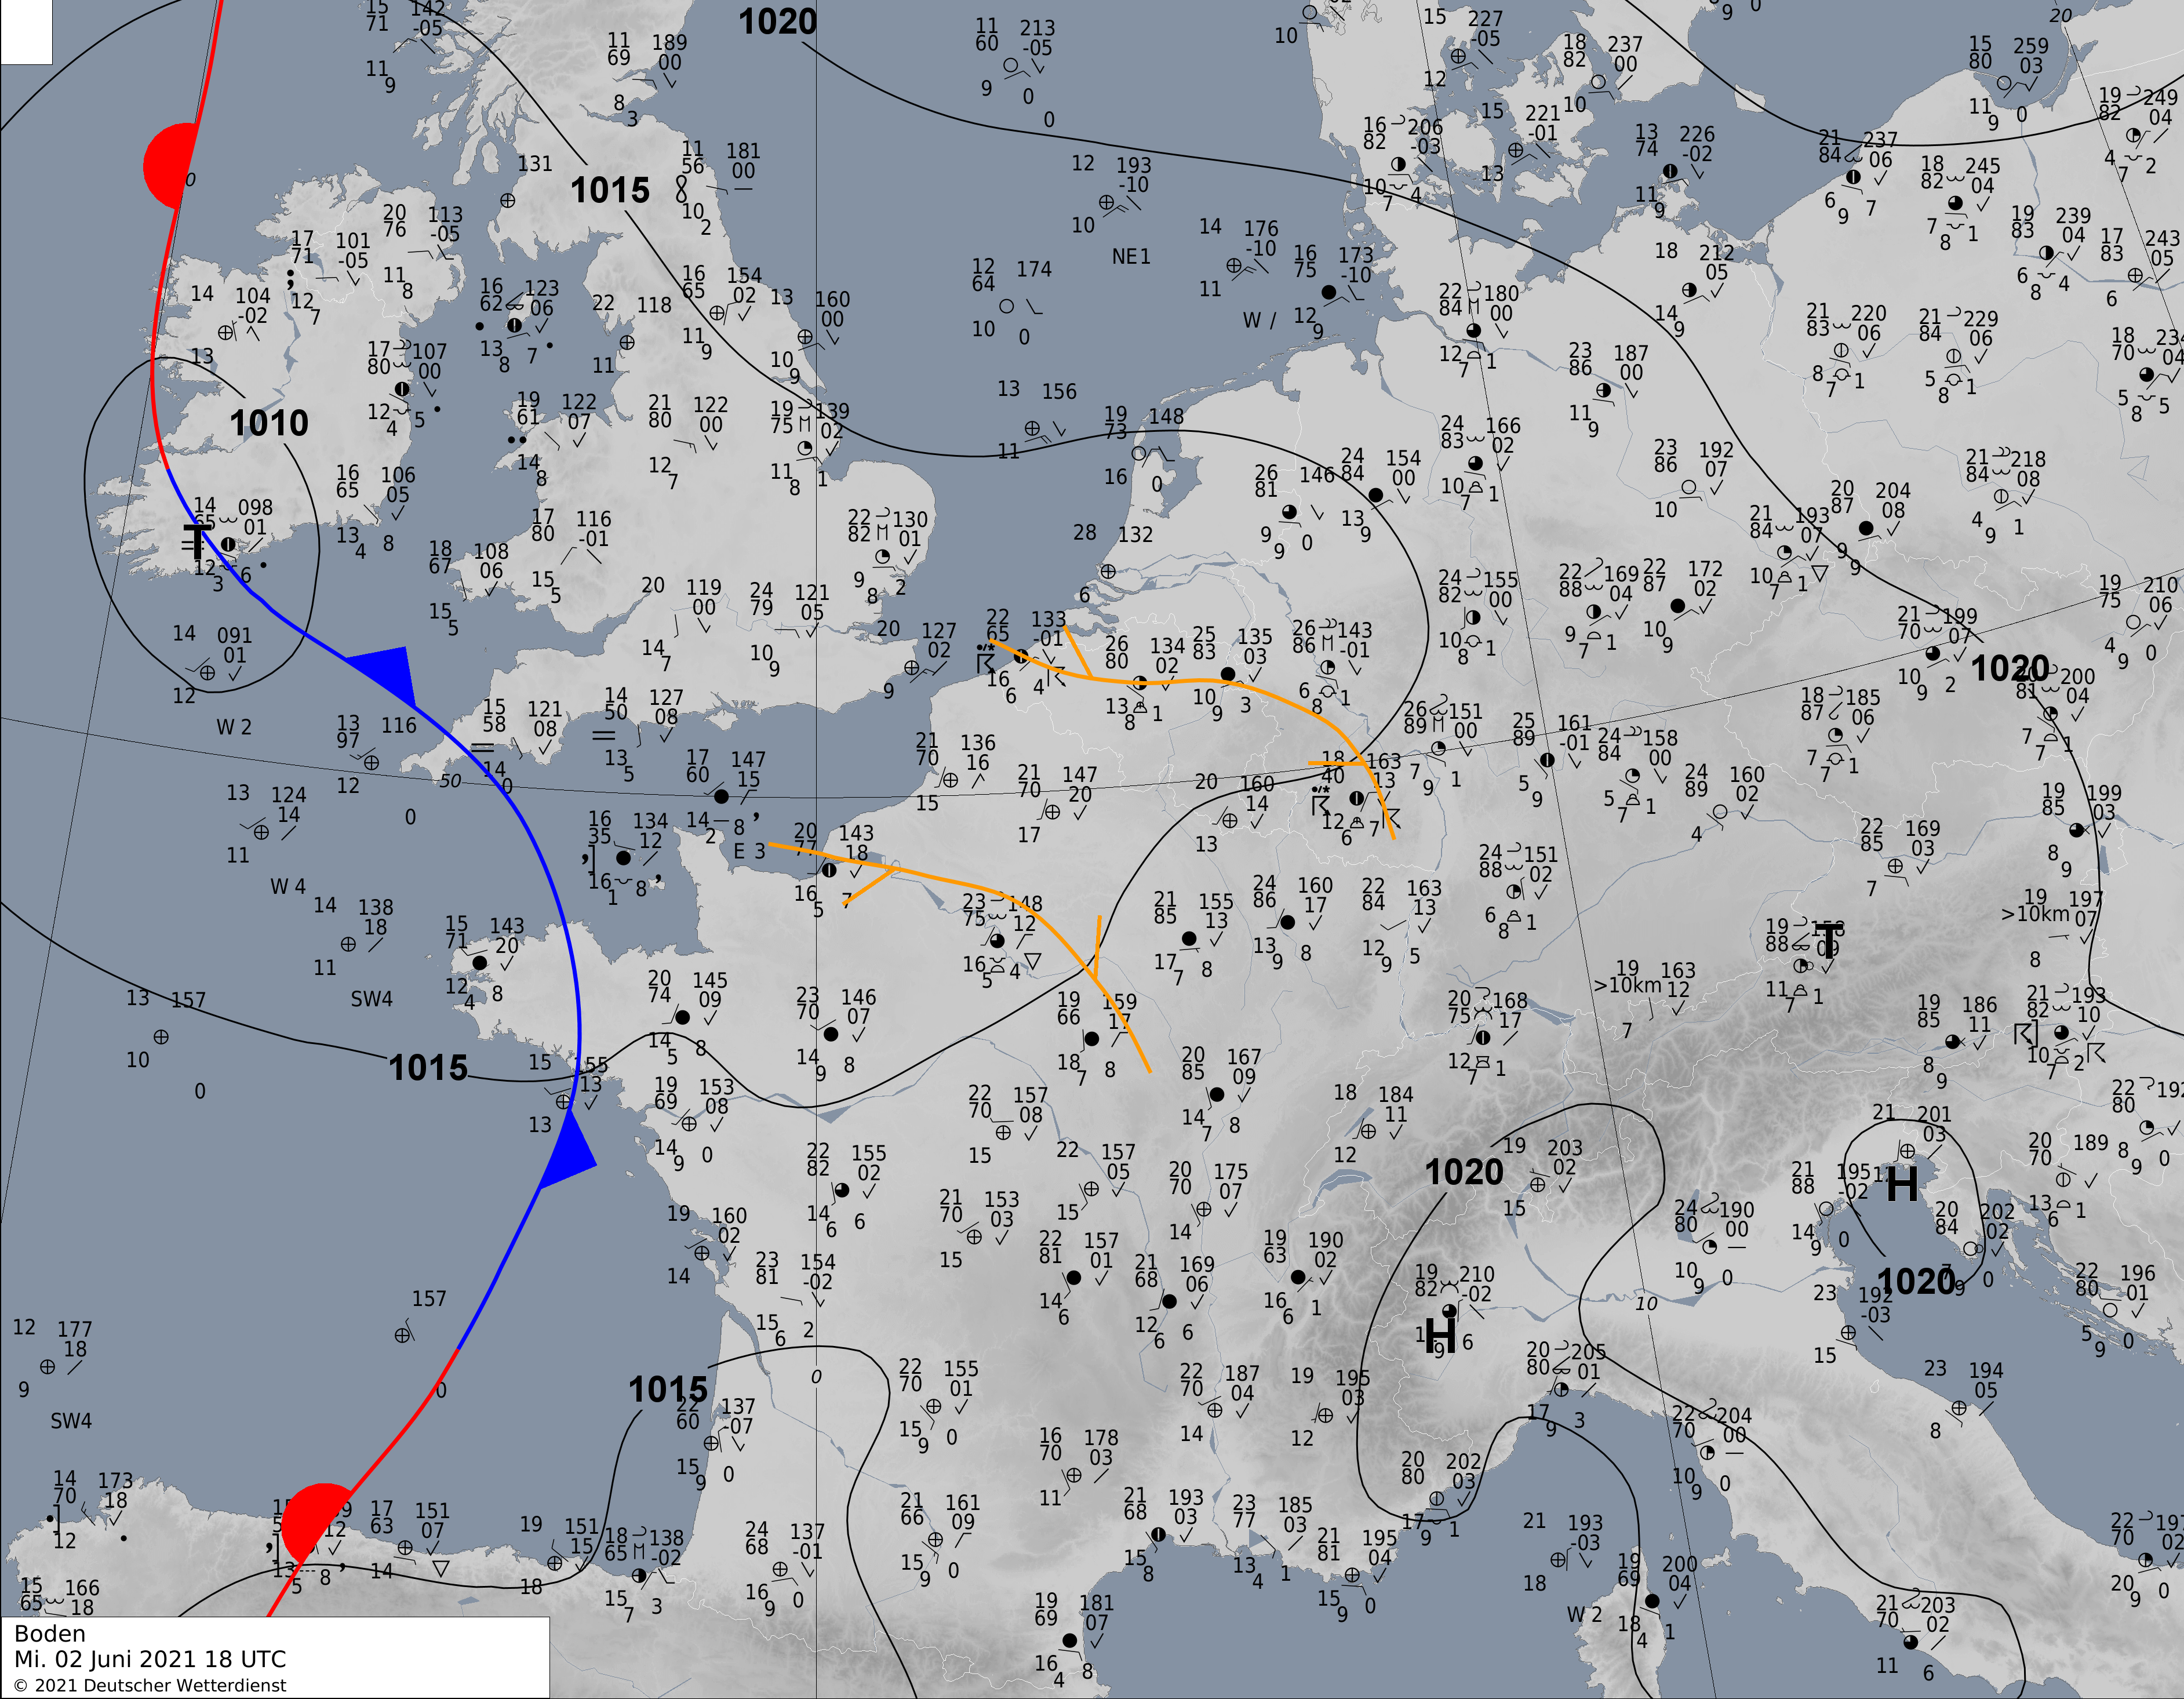 Analyse de surface du 2 juin 2021 à 20h00. Source : DWD